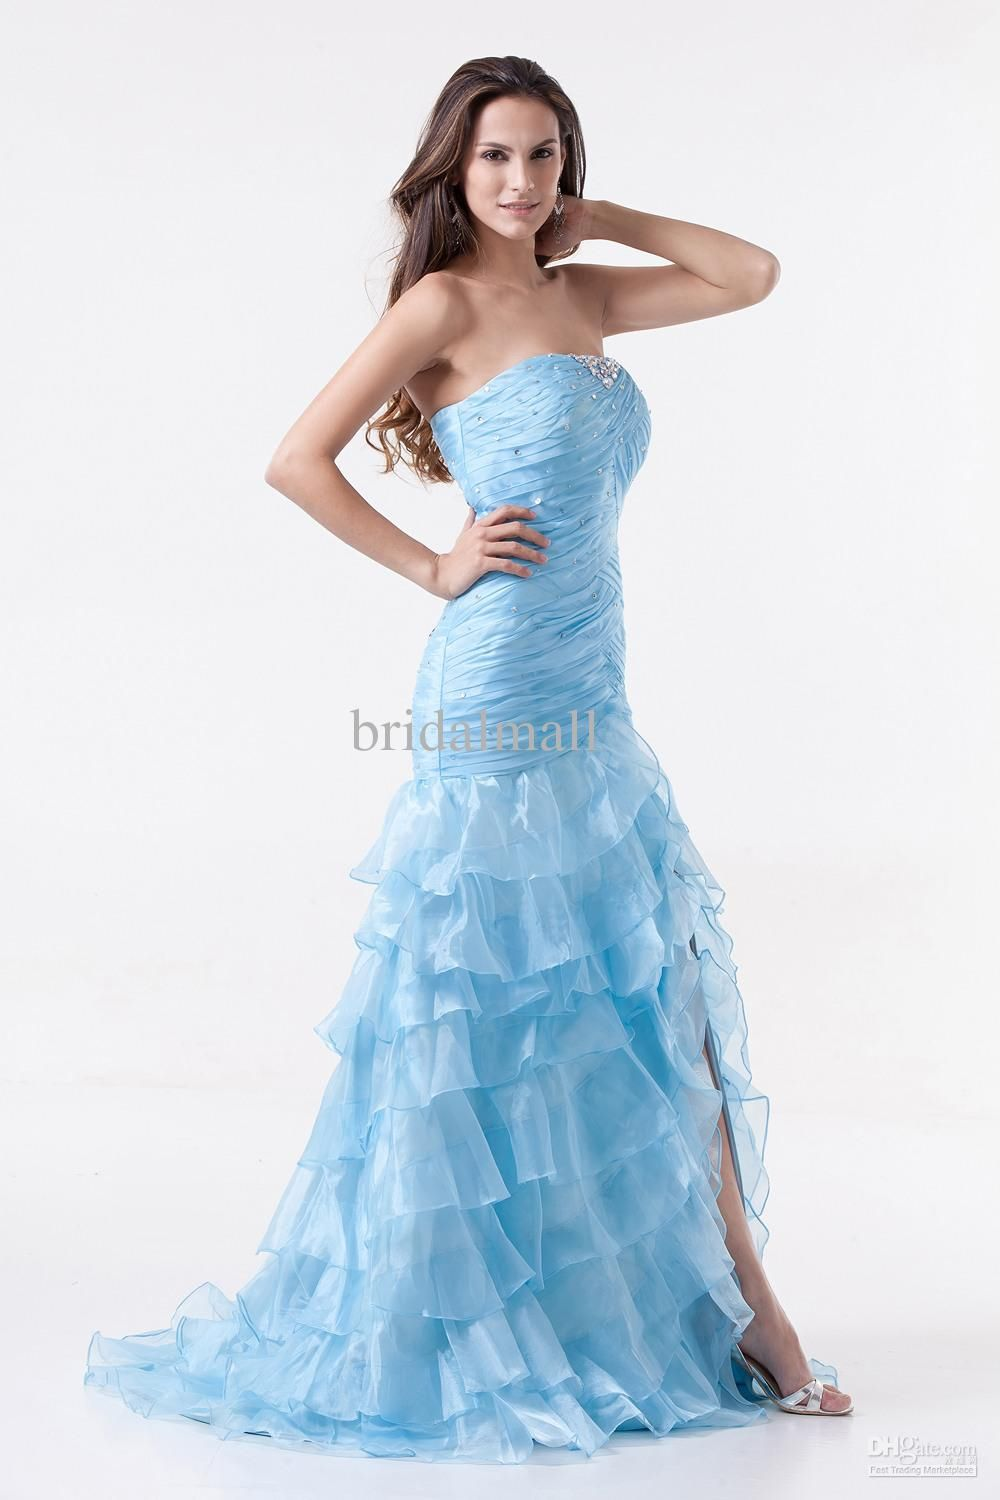 Blue wavy prom dress | looks good | Pinterest | Prom